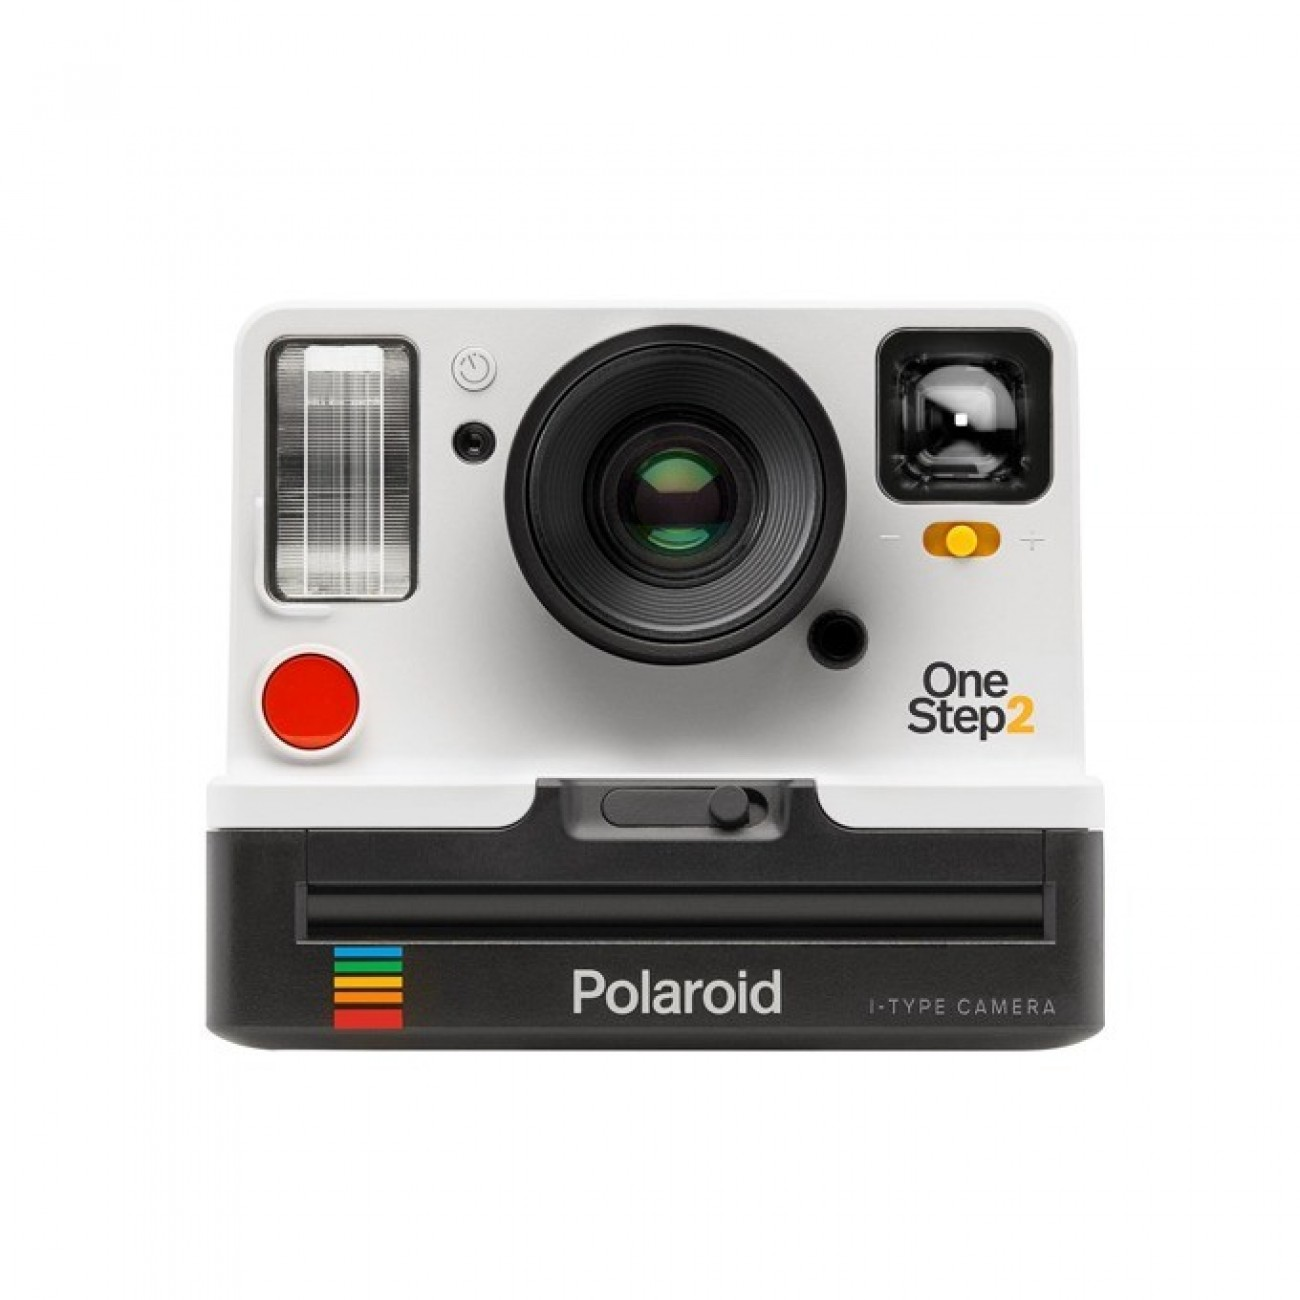 Фотоапарат Polaroid OneStep Viewfinder White, Micro USB port, бял в Фотоапарати - Polaroid | Alleop